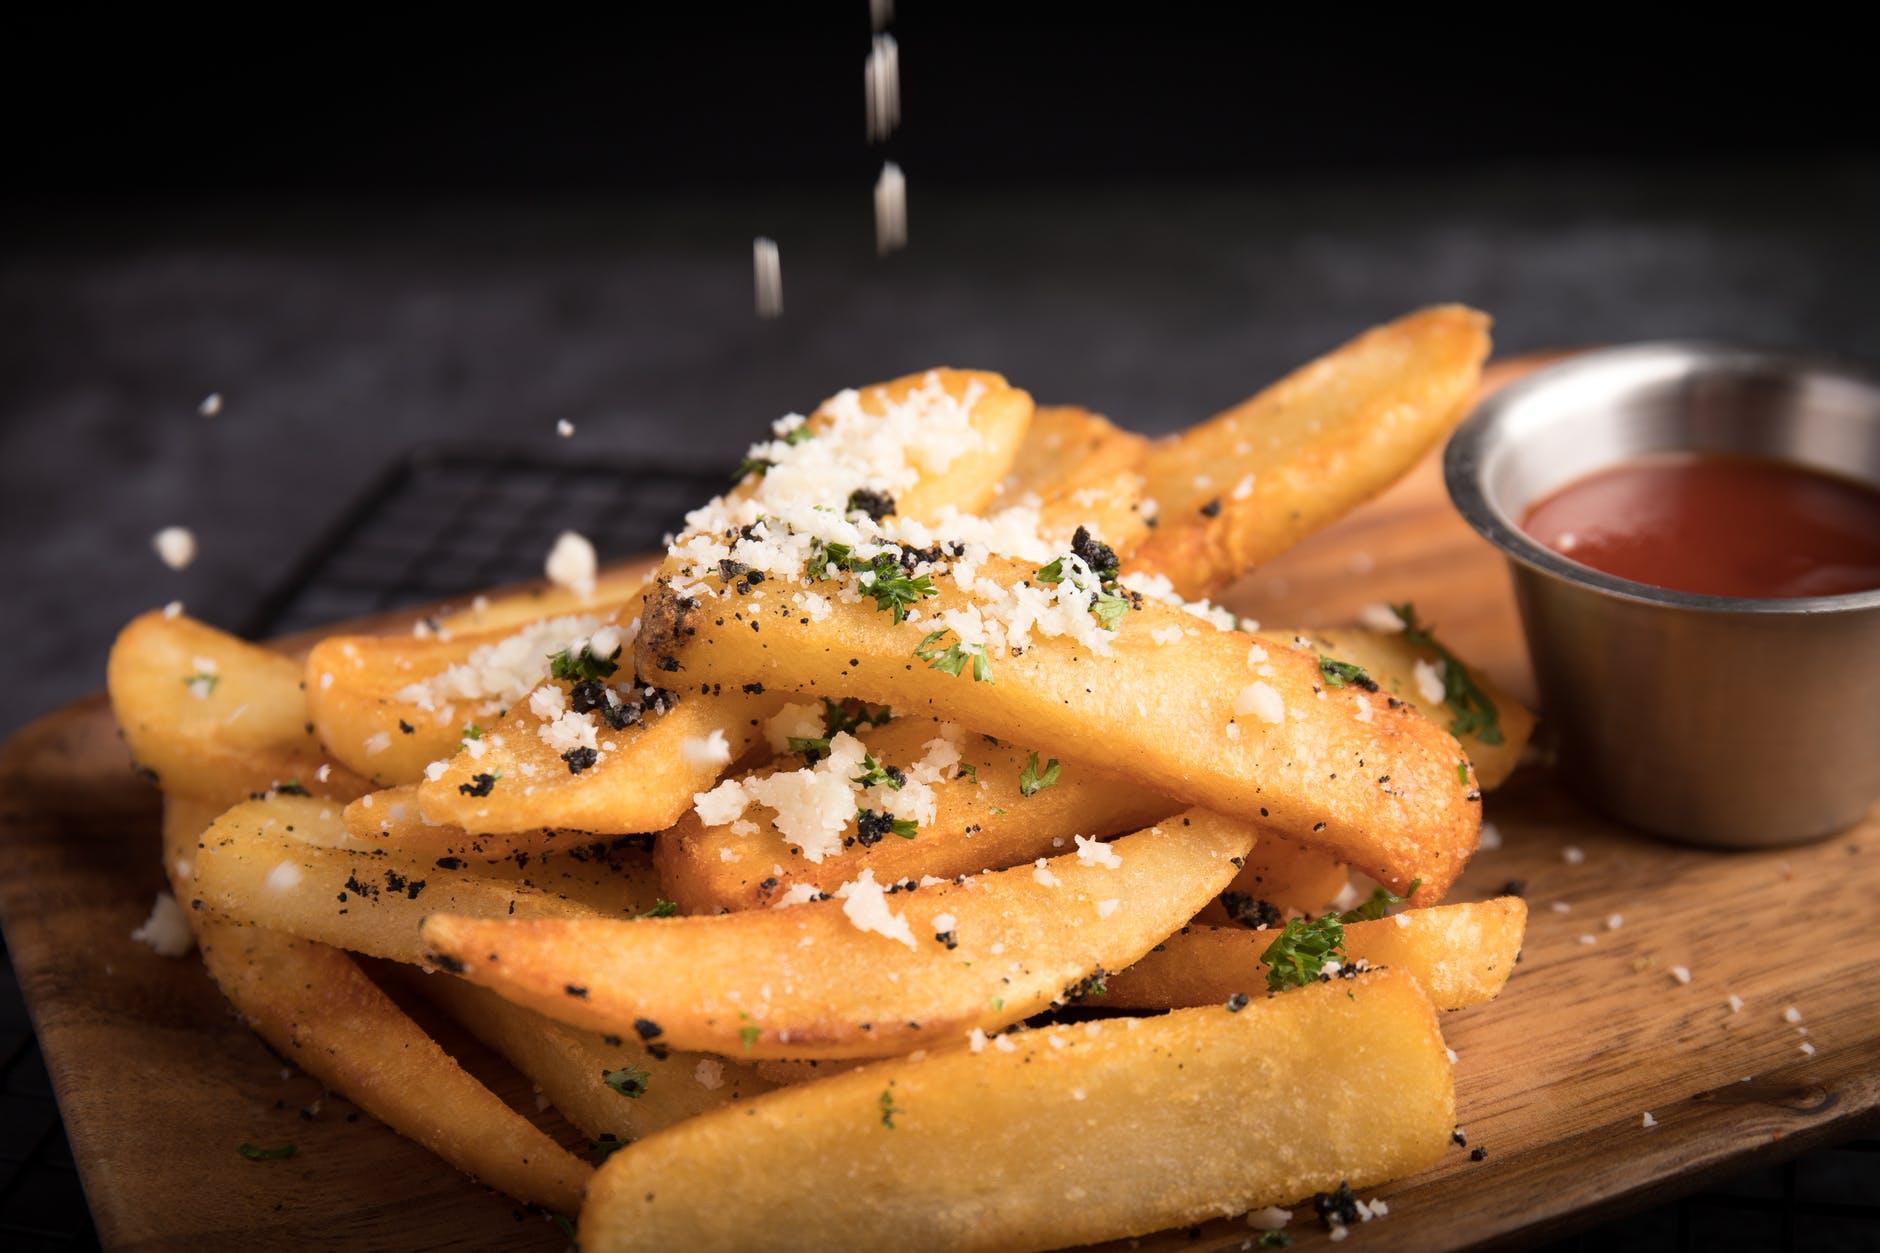 Ce se întâmplă în corpul dacă mănânci zilnic cartofi prăjiți. Consecințe nebănuite asupra sănătății!